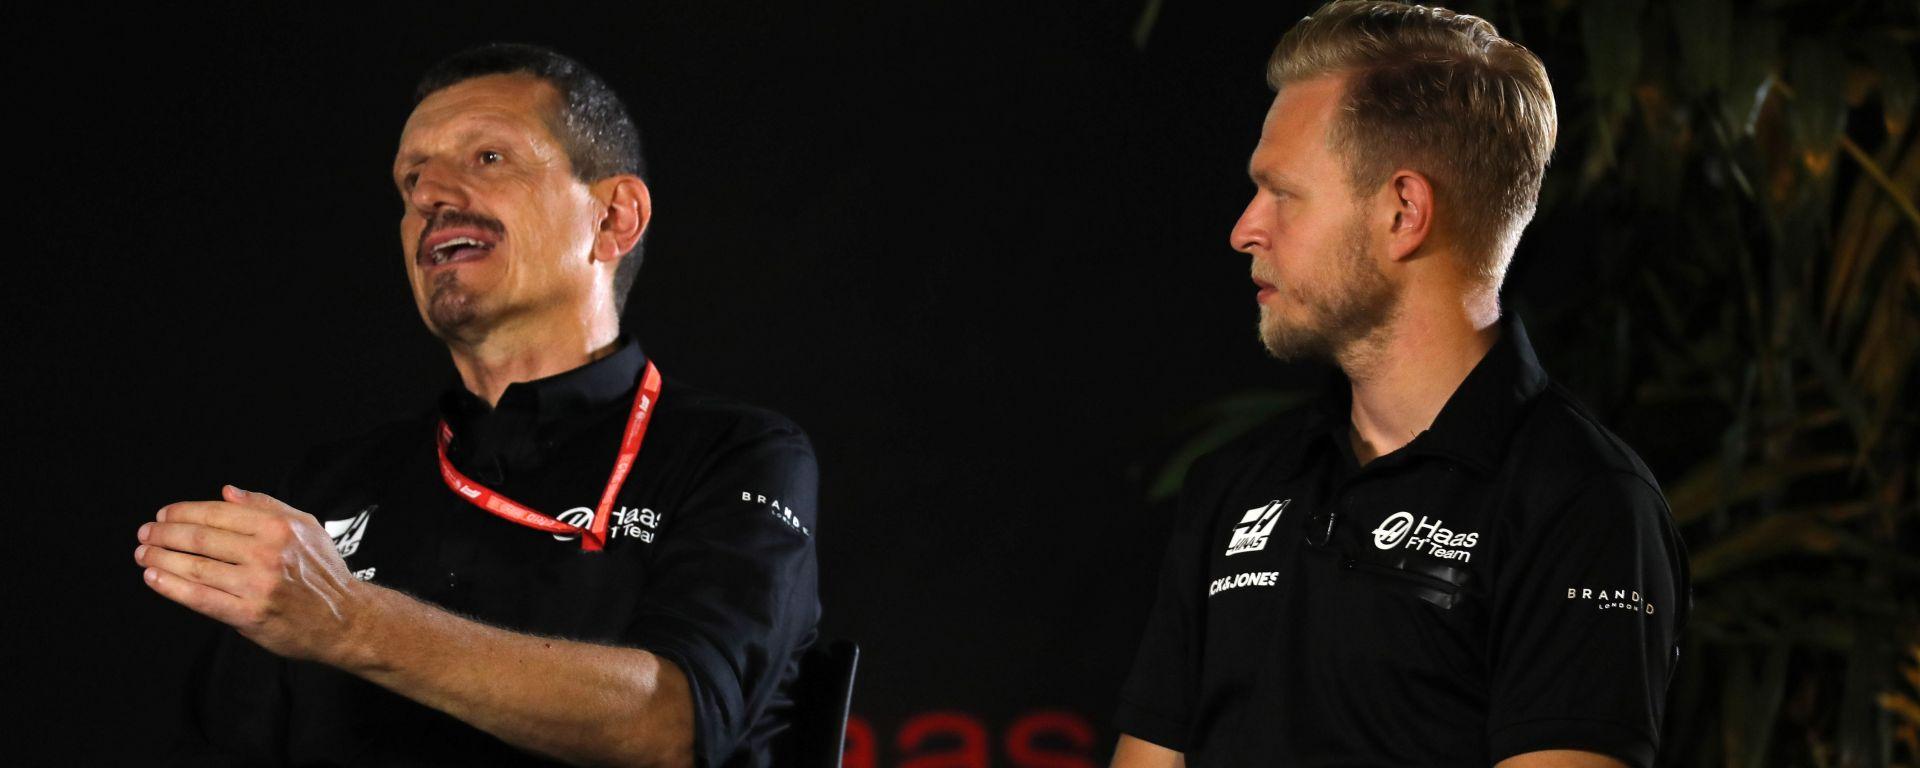 F1 2019: Gunther Steiner e Kevin Magnussen (Haas)